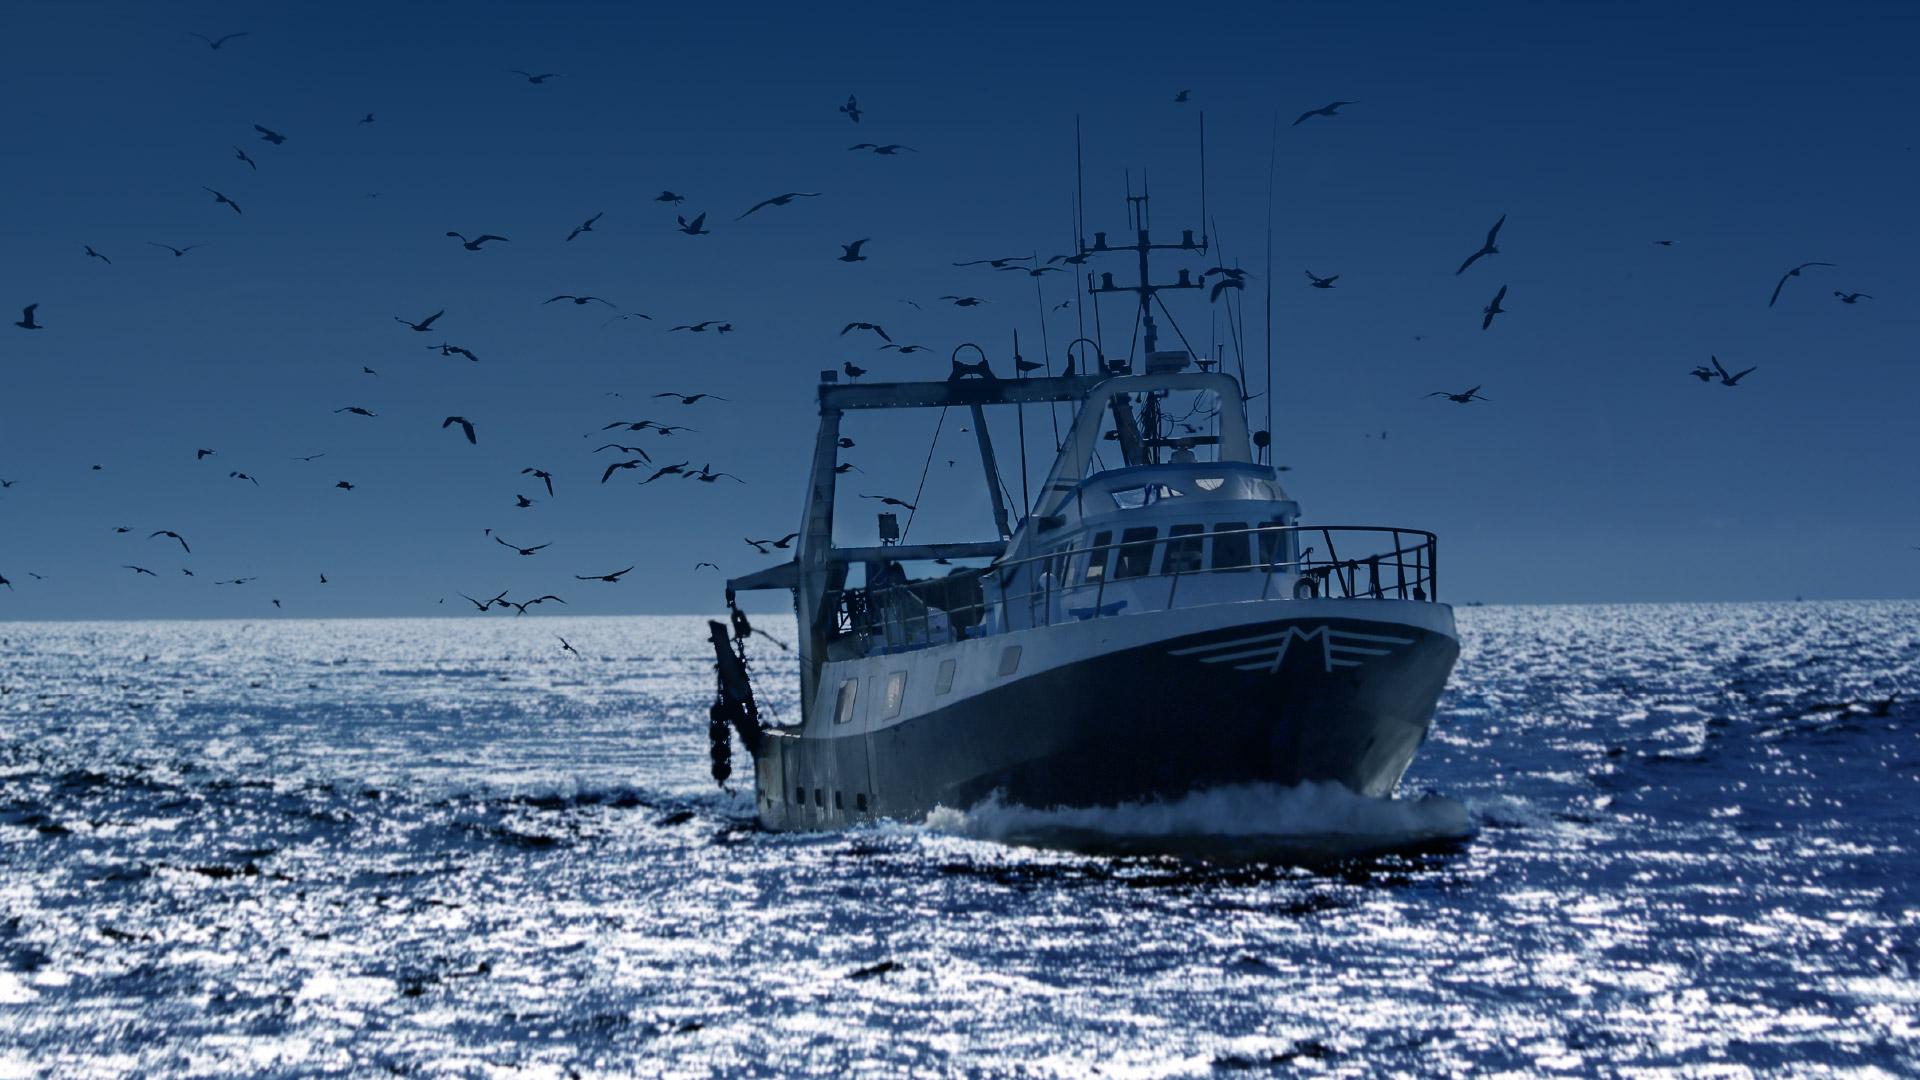 Bateaux professionnels maritimes